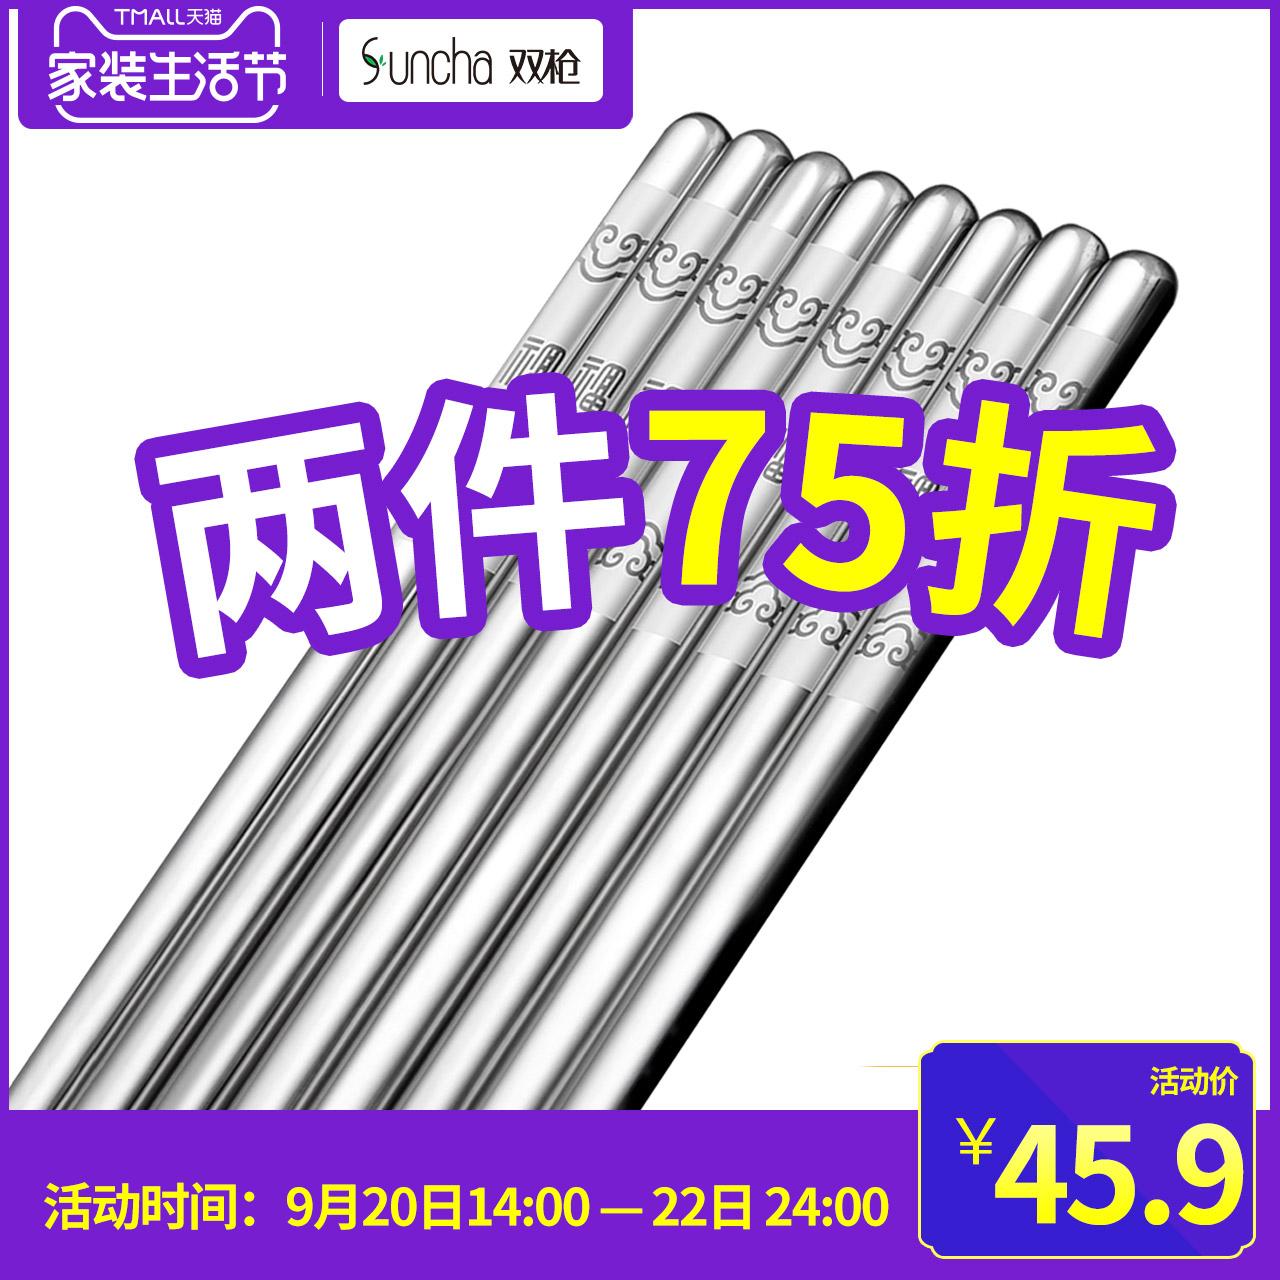 双枪创意情侣防滑日式304不锈钢筷子套装个性快子家用10双包邮